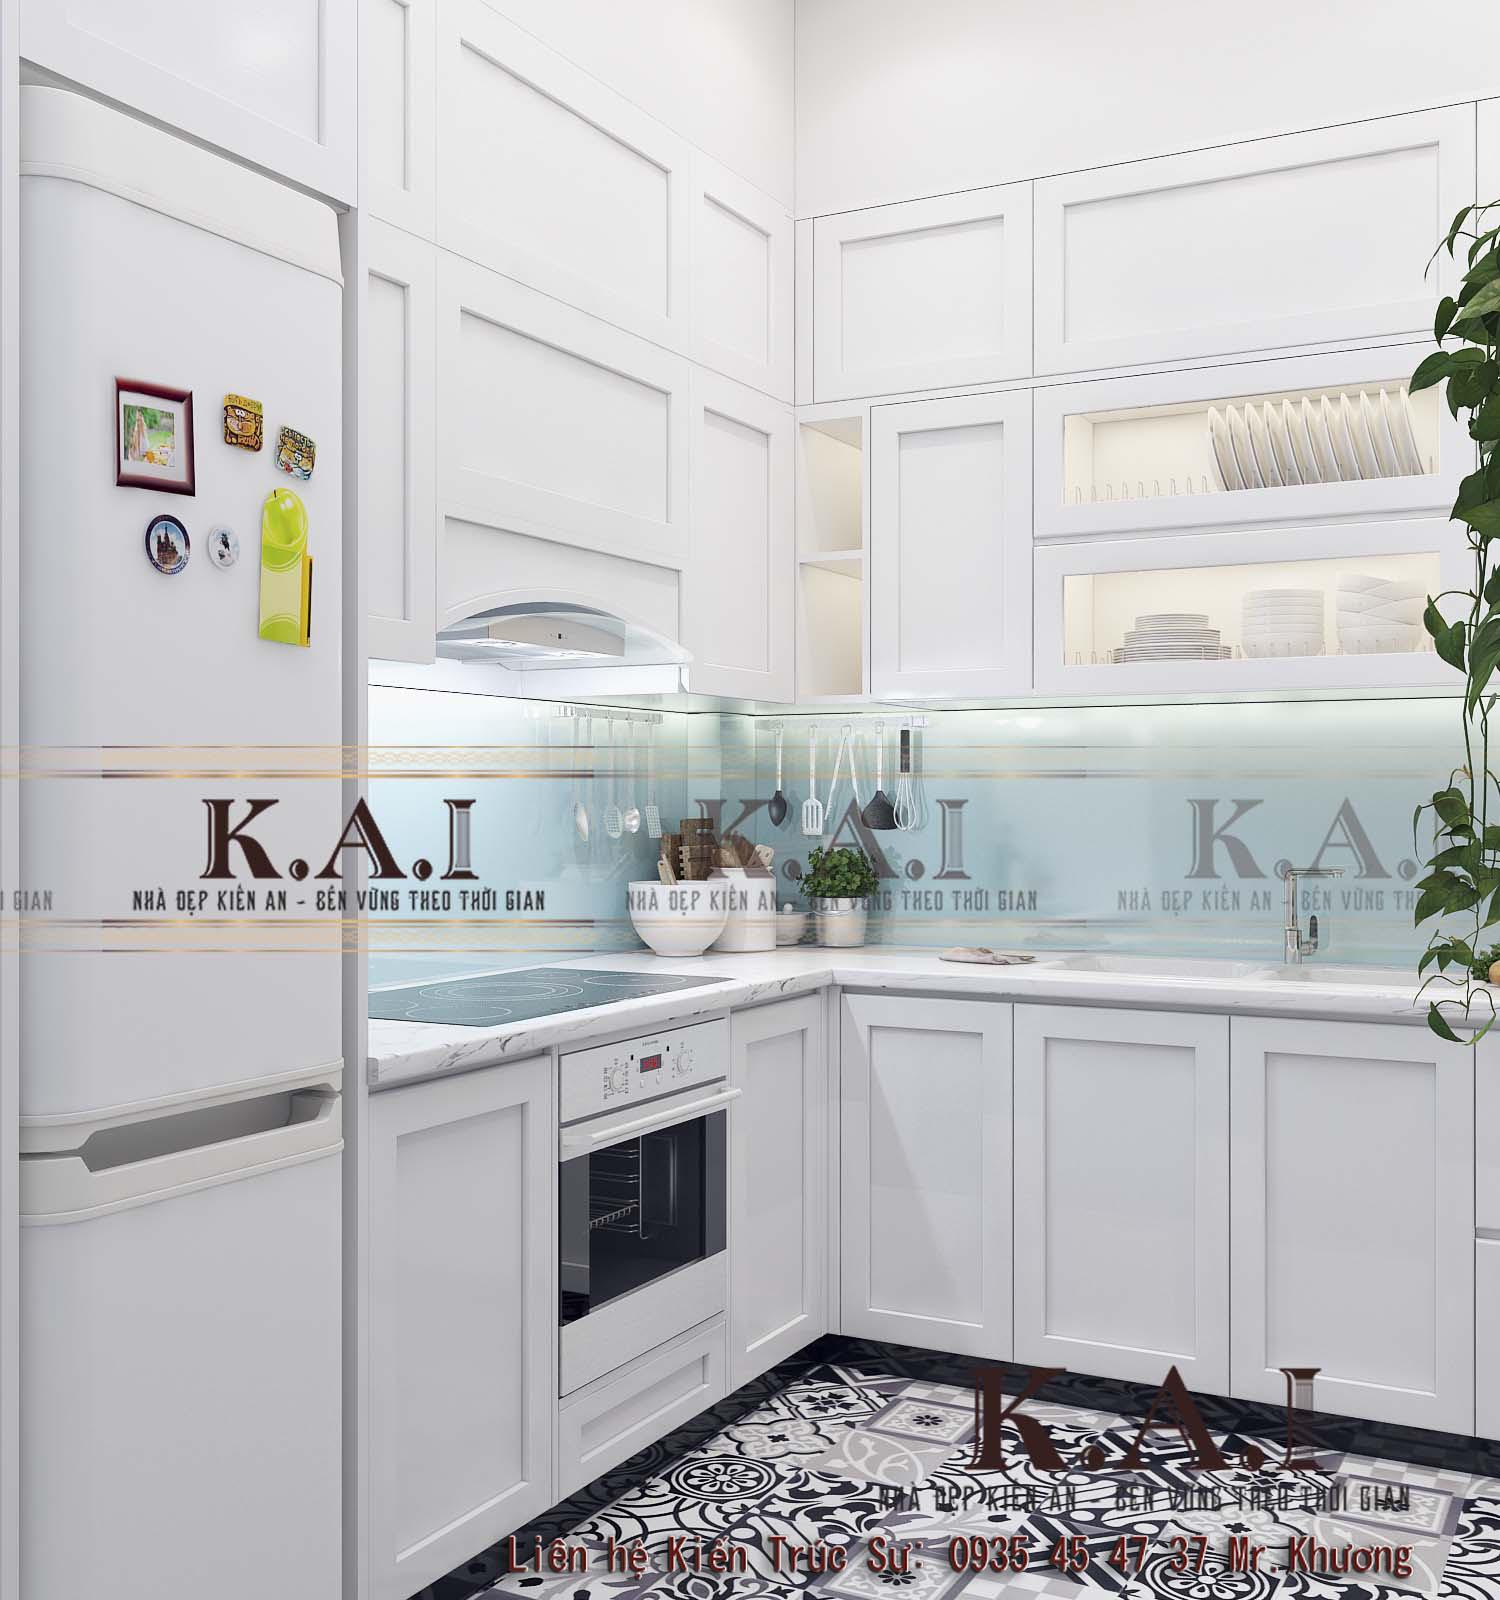 Phòng bếp với thiết kế nội thất nhà ở theo phong cách hiện đại